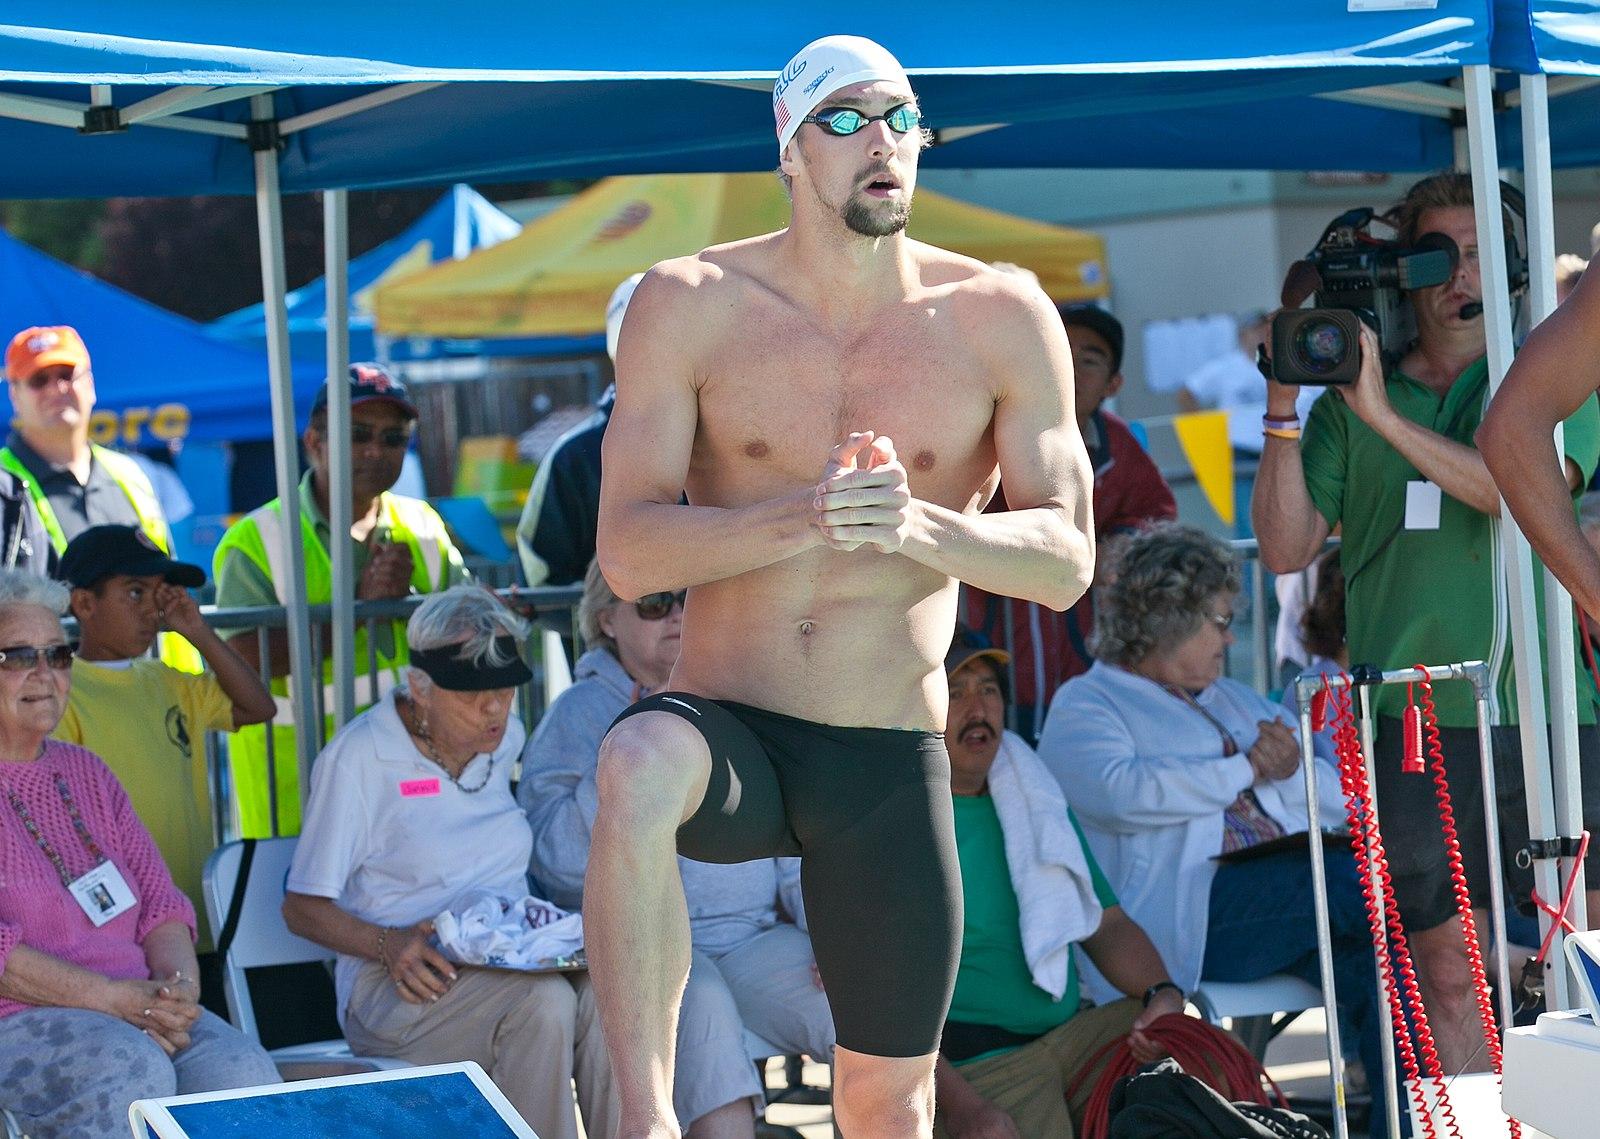 23-voudig olympisch kampioen Michael Phelps maakt in 2021 debuut op Ironman triatlon